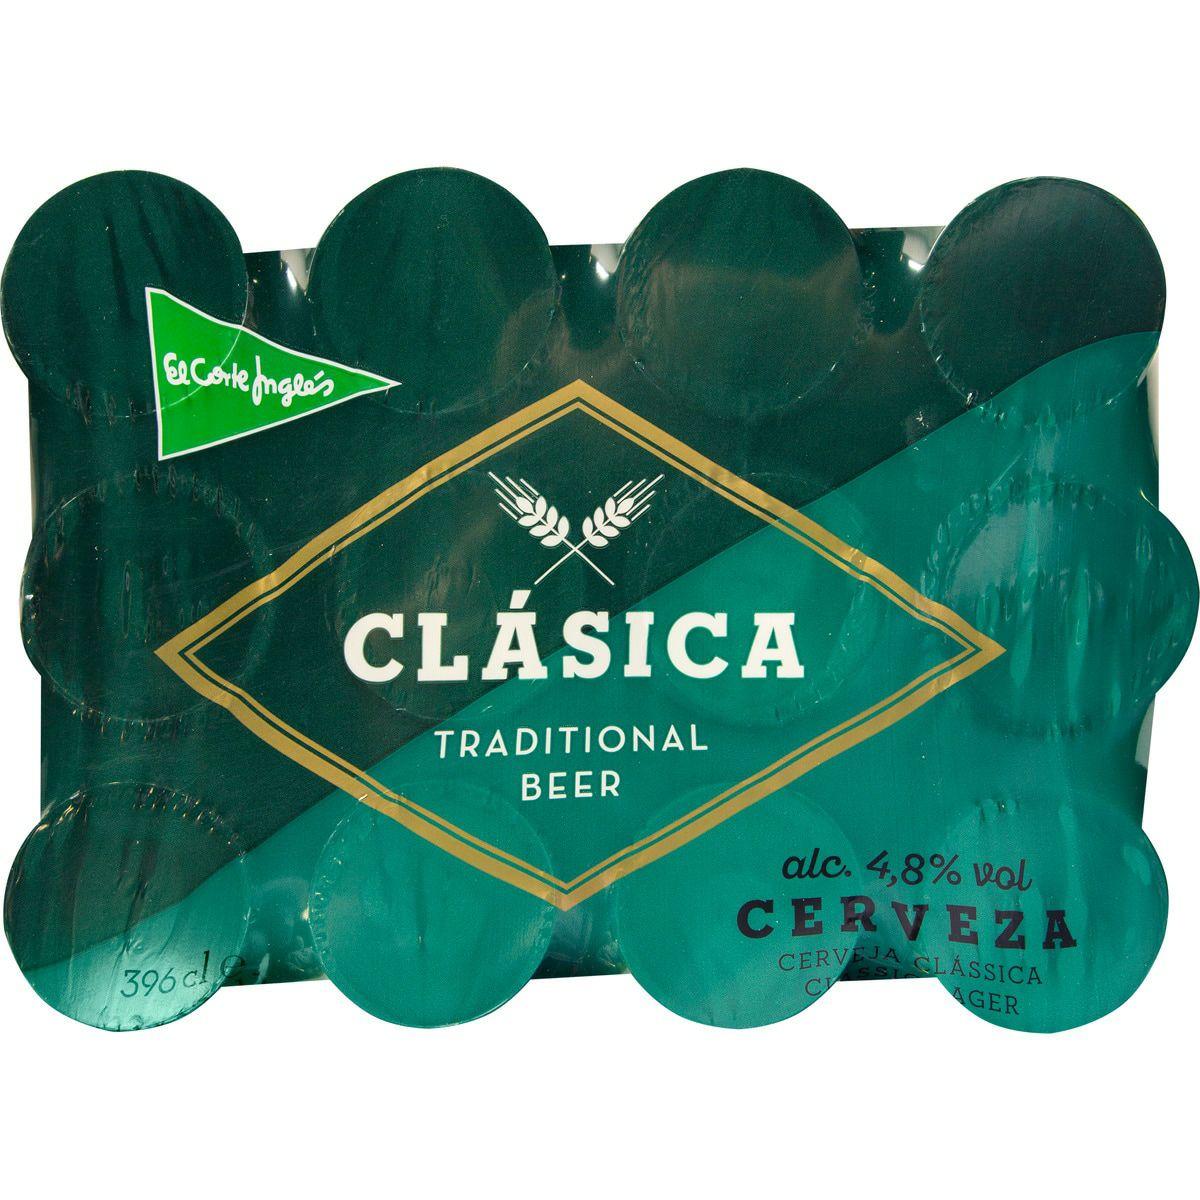 120 latas de cerveza El Corte Inglés por 17,71€ (0,1475€ cada lata)